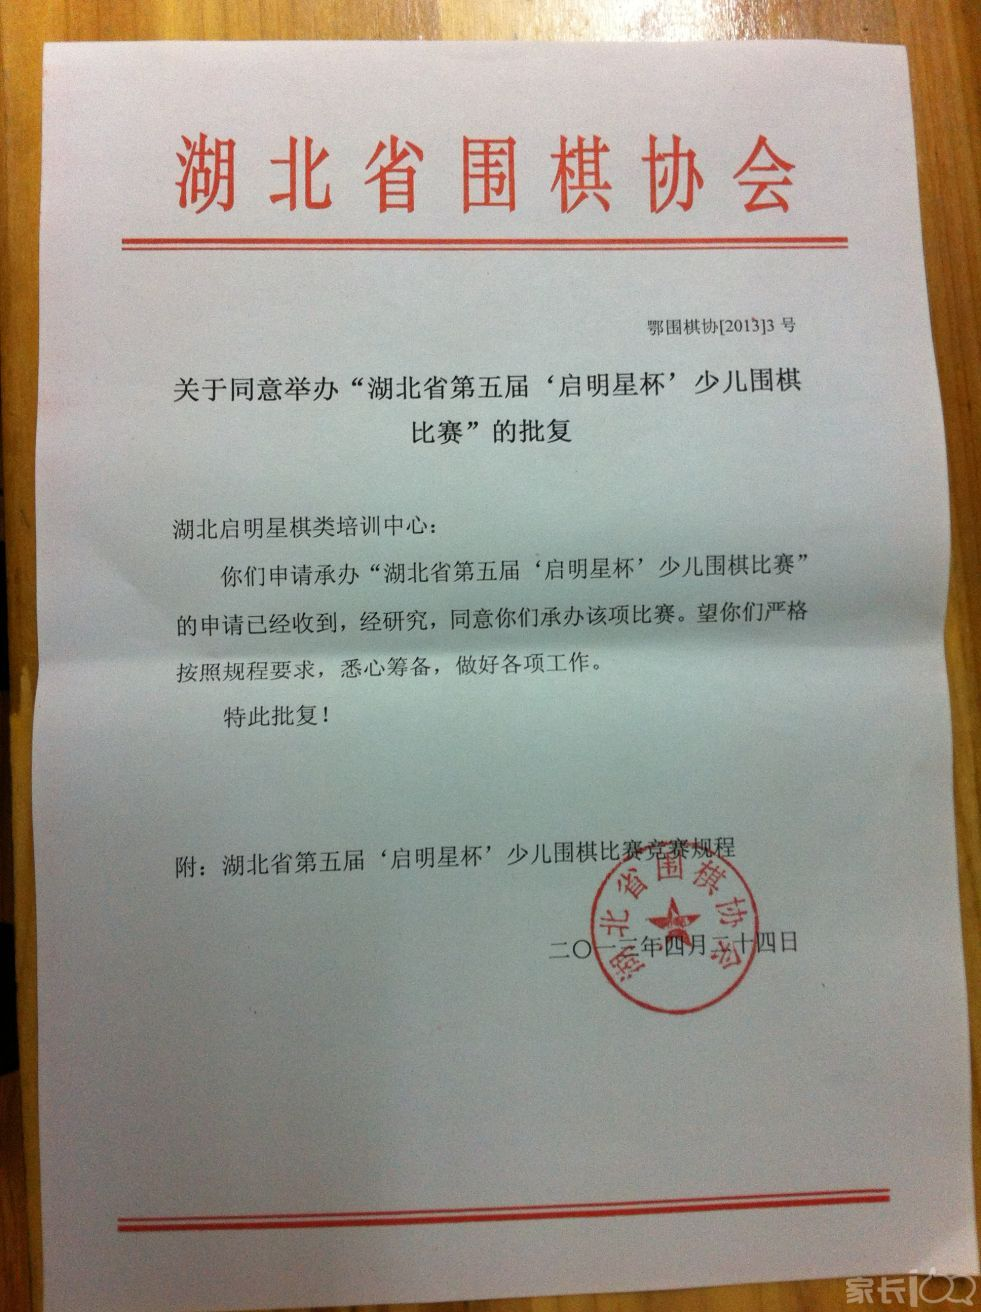 七,竞赛办法: 1,比赛采用中国围棋协会审定的2002版《围棋竞赛规则》